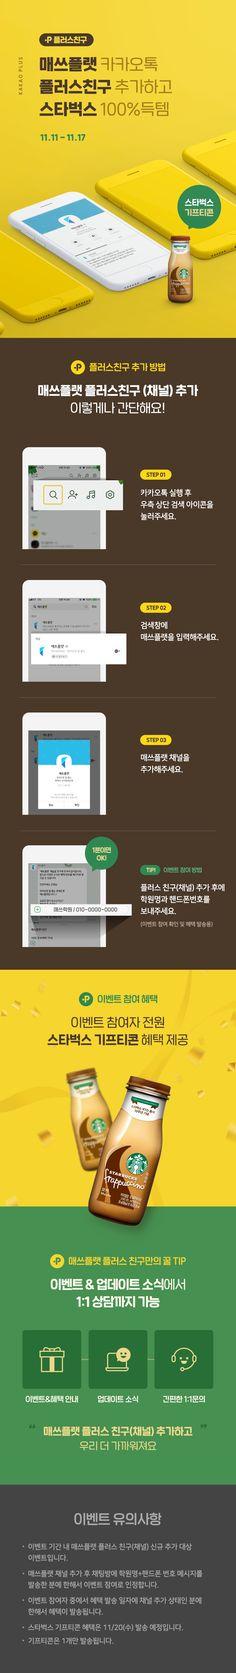 Web Design, Page Design, Facebook Banner, Event Banner, Promotional Design, Event Page, Page Layout, Typography, Image